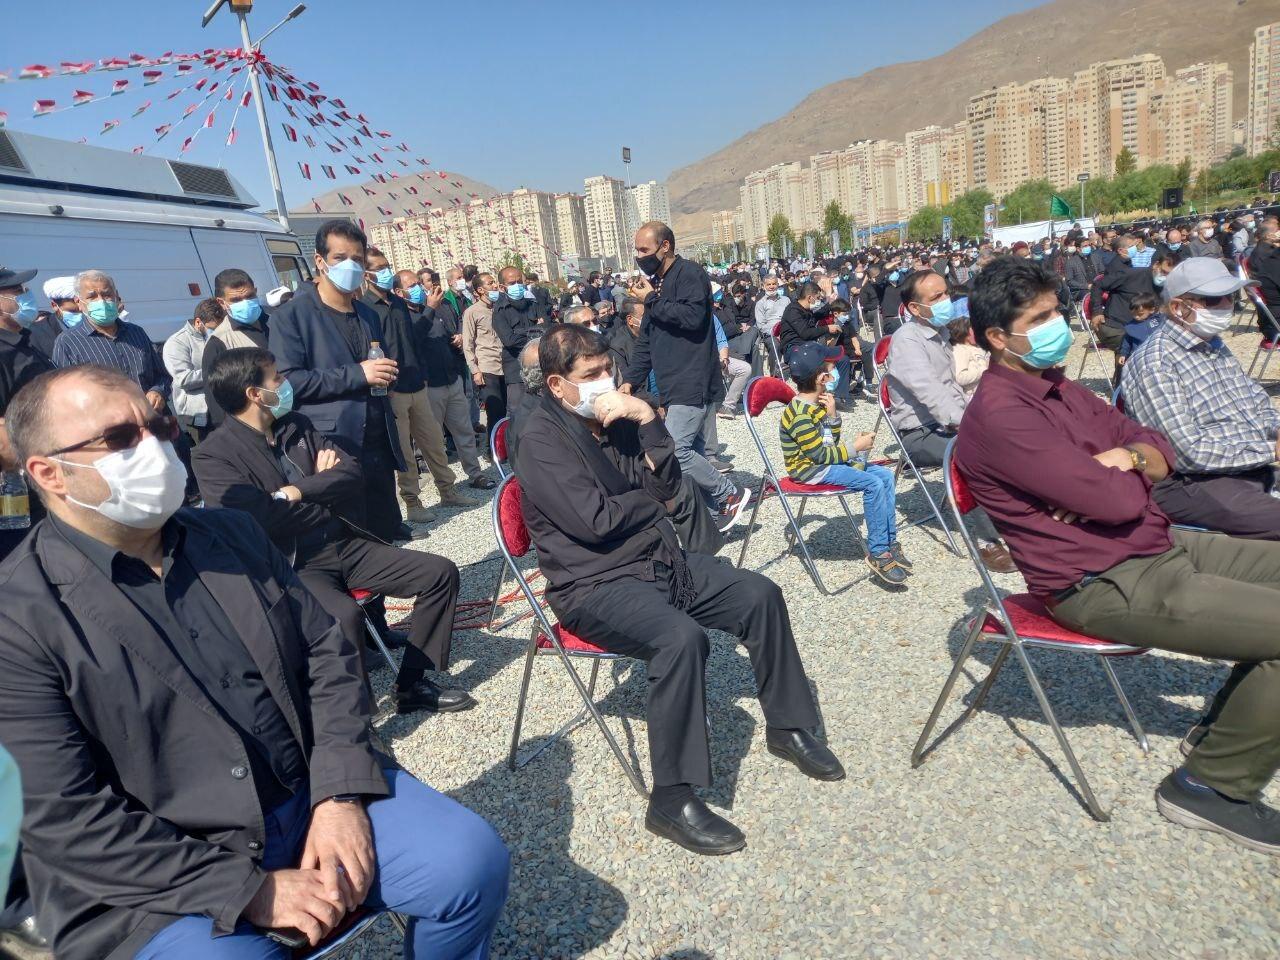 تشییع و خاکسپاری پیکرهای دو شهید گمنام در کنار دریاچه چیتگر